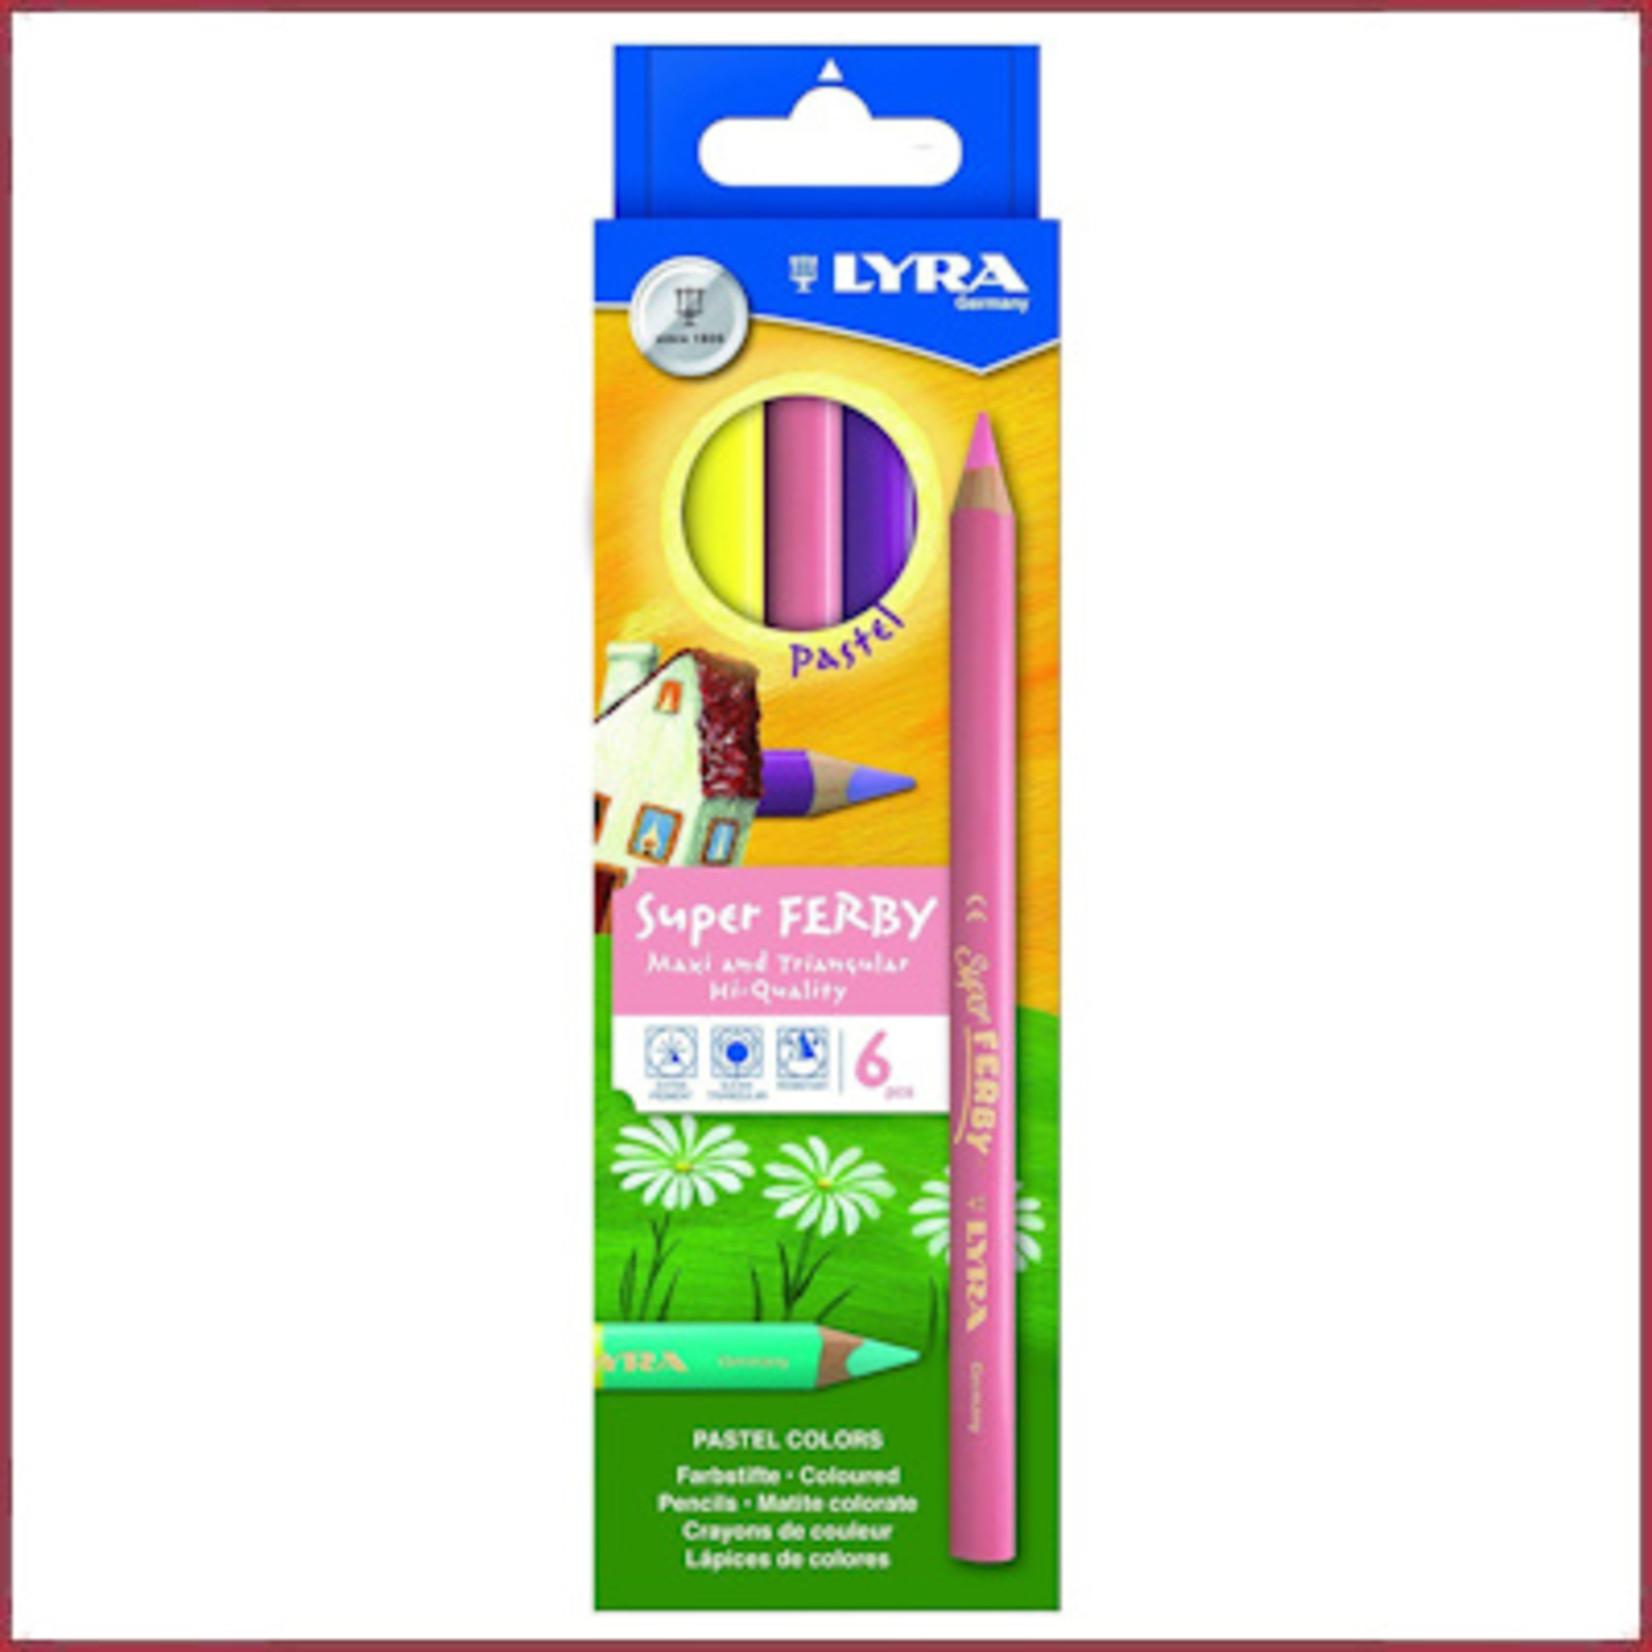 Lyra Lyra Super Ferby Kartonnen doosje 6 st Pastel